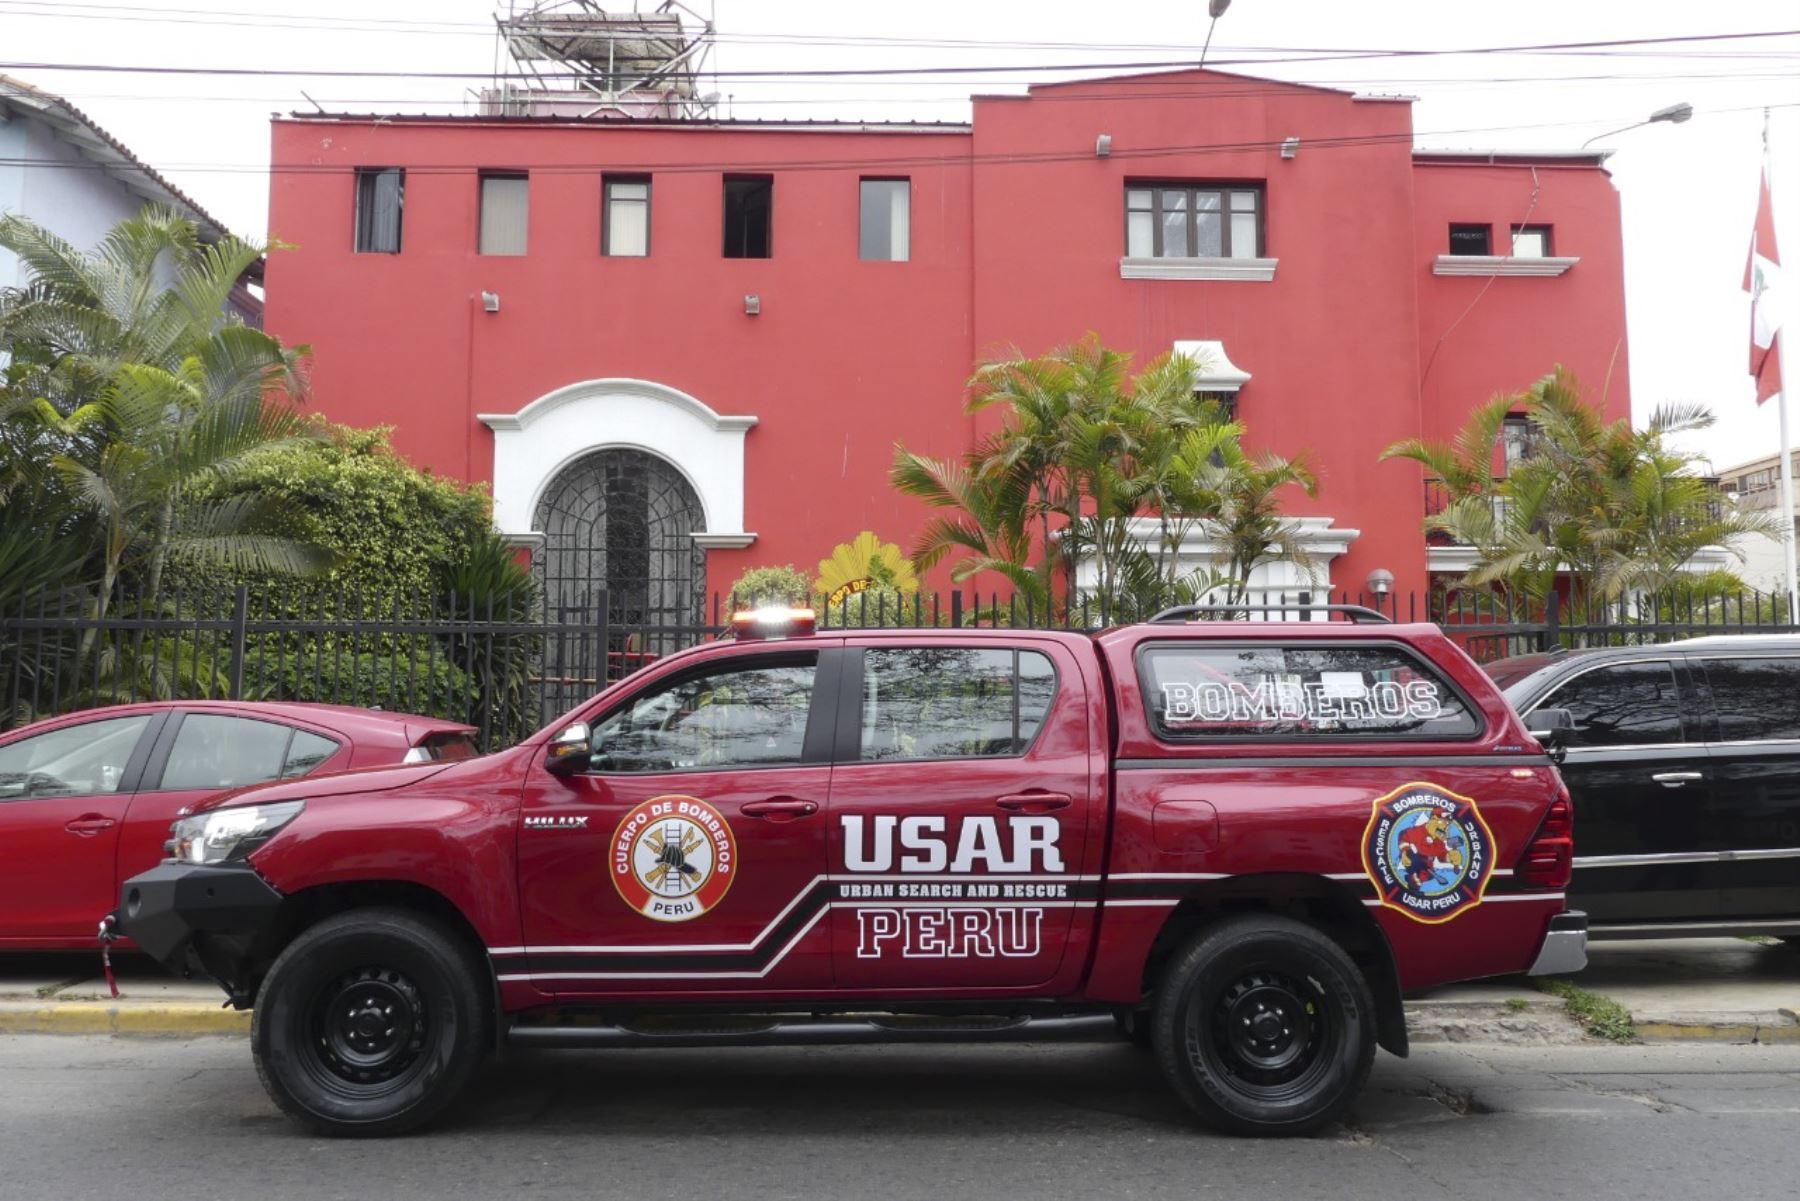 Los bomberos USAR (Urban Search and Rescue) del Cuerpo General de Bomberos Voluntarios del Perú en Tacna podrán atender incidentes como derrumbes. Foto: ANDINA/CGBVP